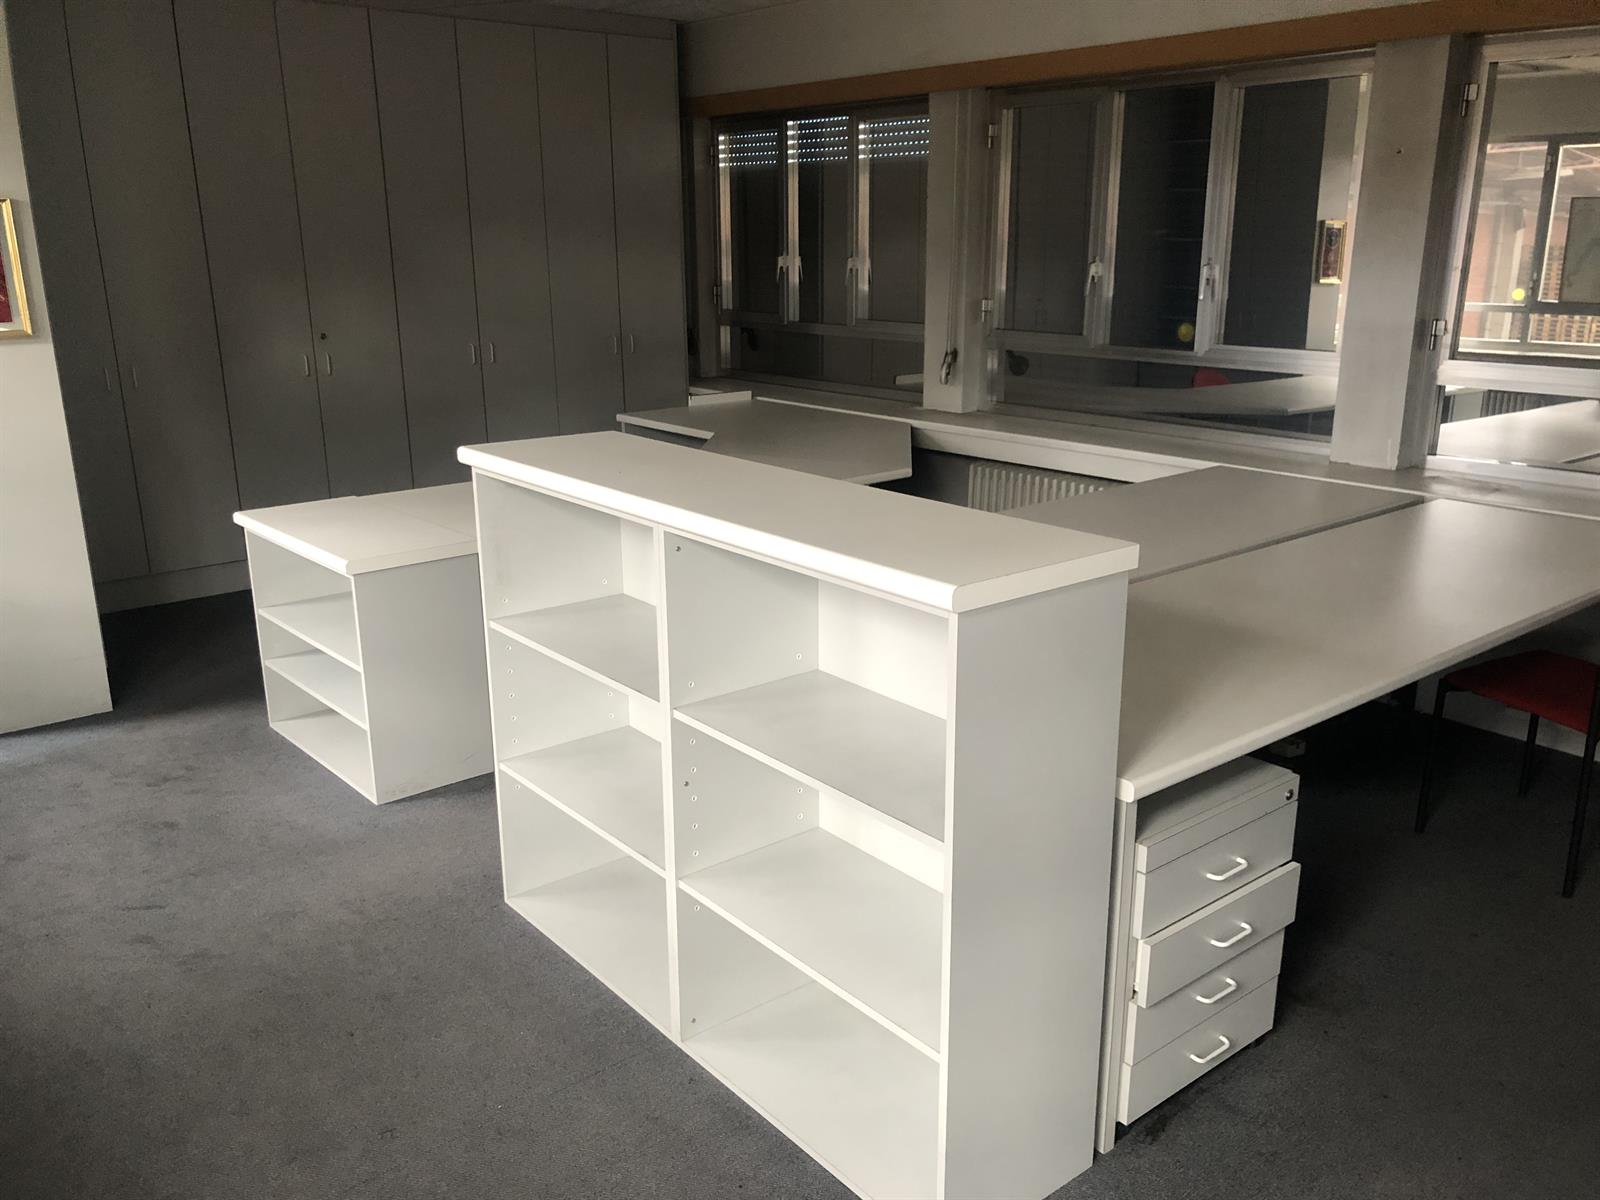 kantoor te huur K001 - Wilmarsdonksteenweg 11, 2030 Antwerpen, België 6